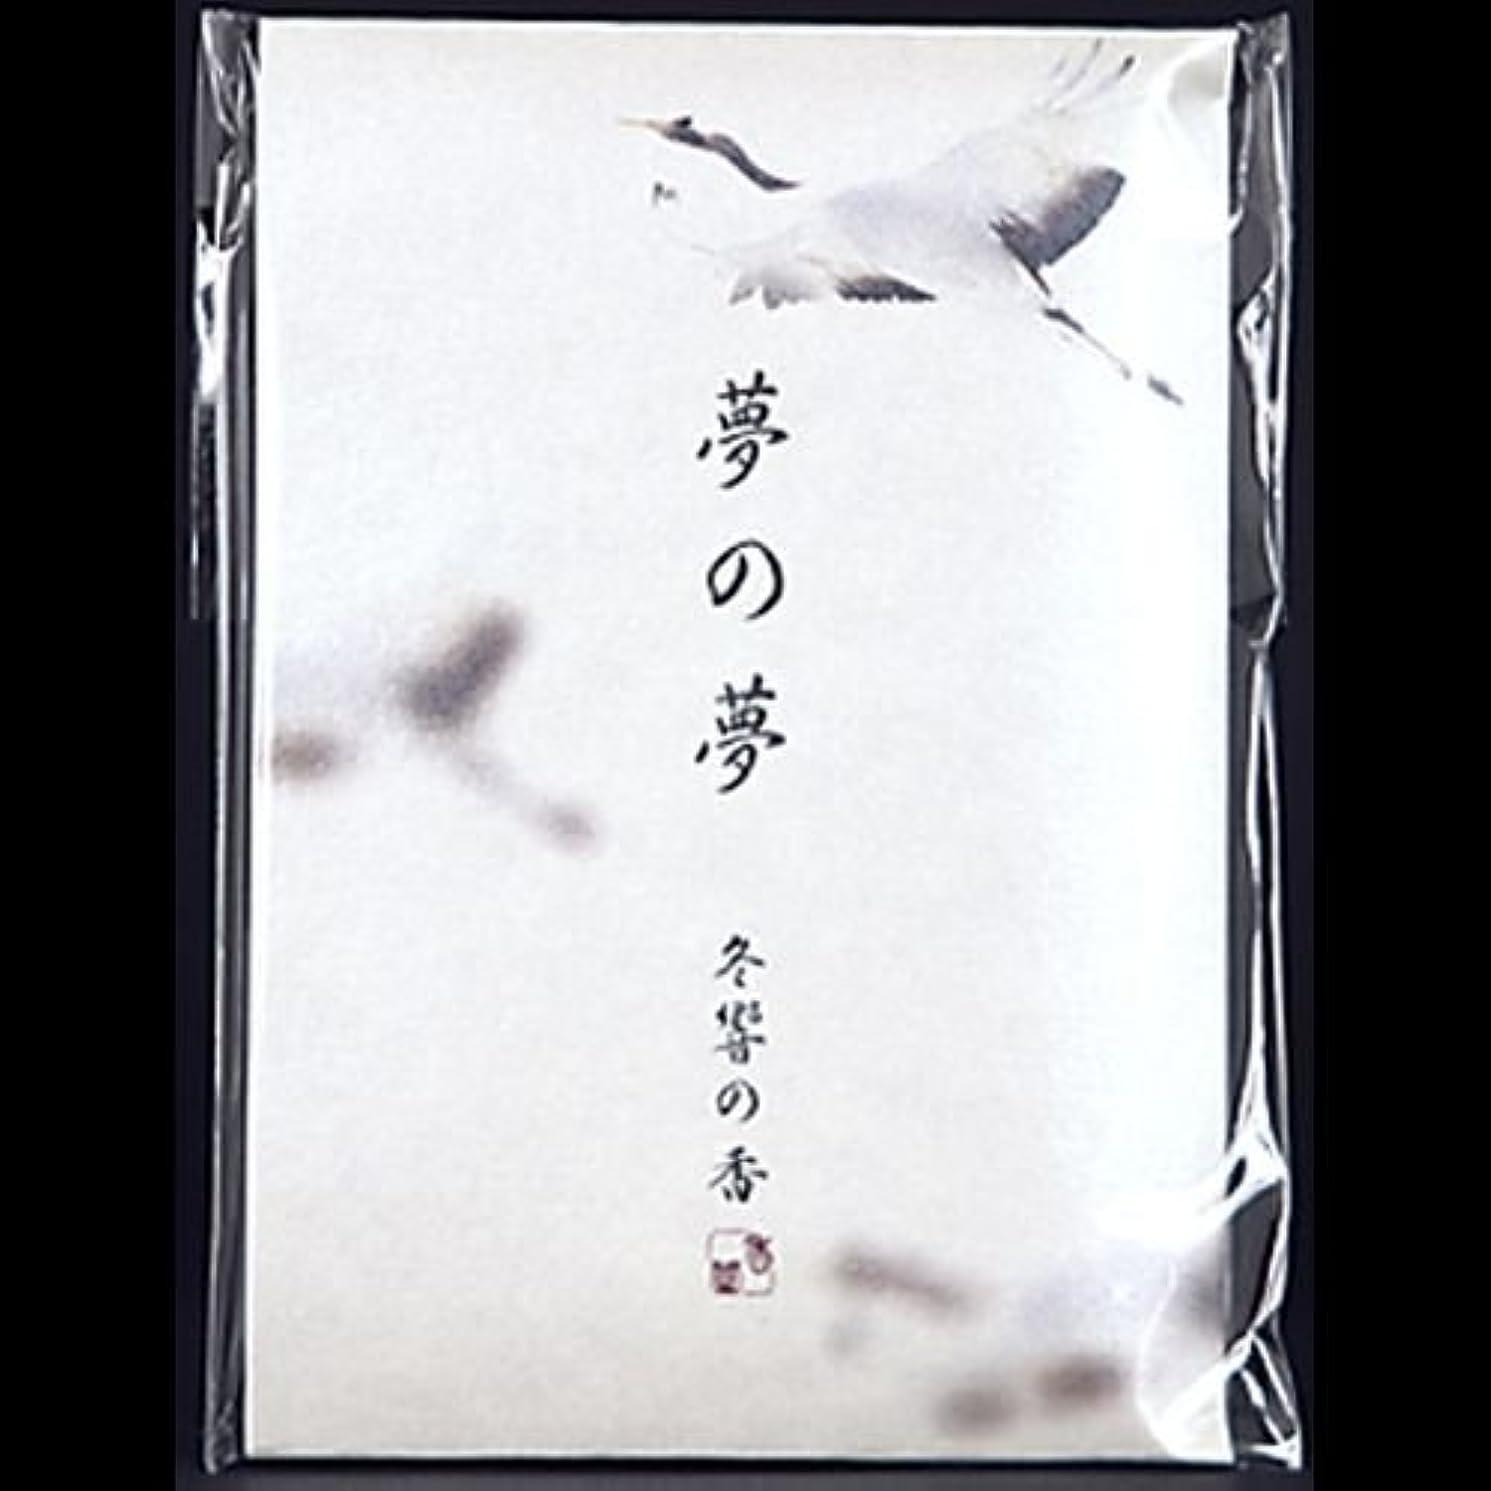 ハブ鋭く反発【まとめ買い】夢の夢 冬響の香 (鶴) スティック12本入 ×2セット